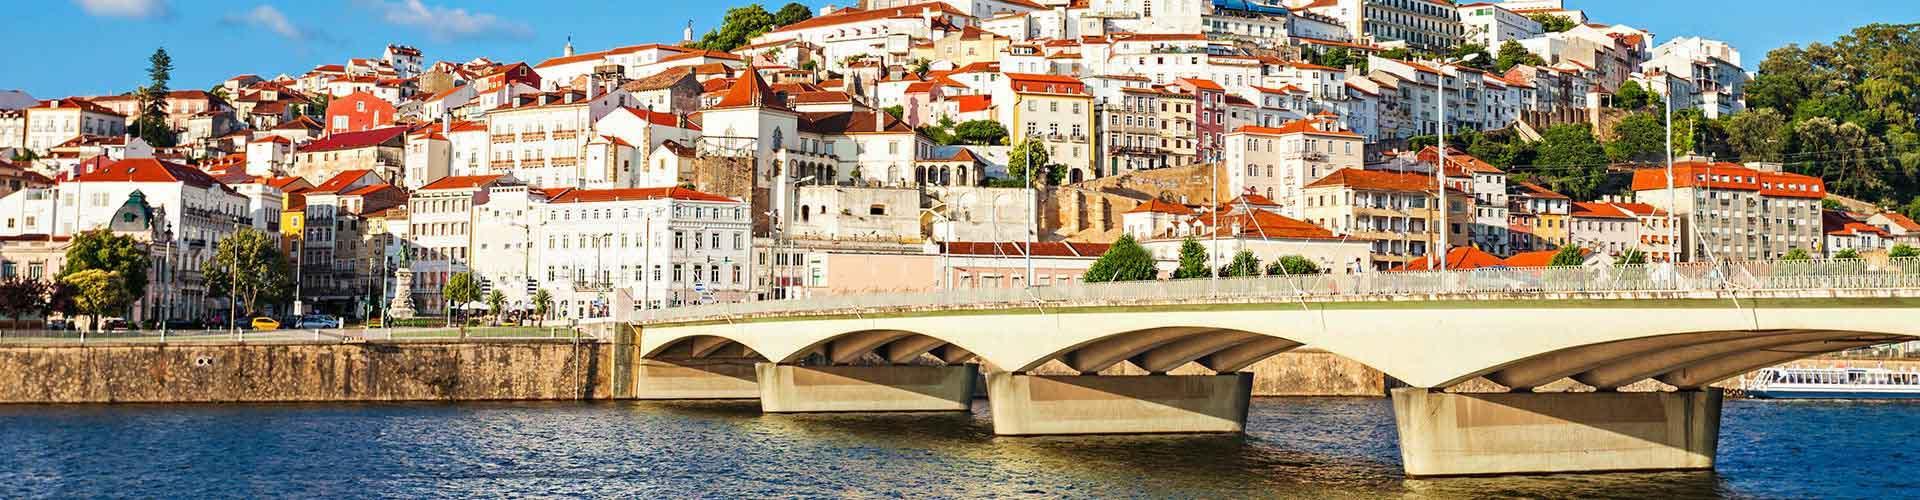 Coimbra - Hostales en Coimbra. Mapas de Coimbra, Fotos y Comentarios para cada hostal en Coimbra.